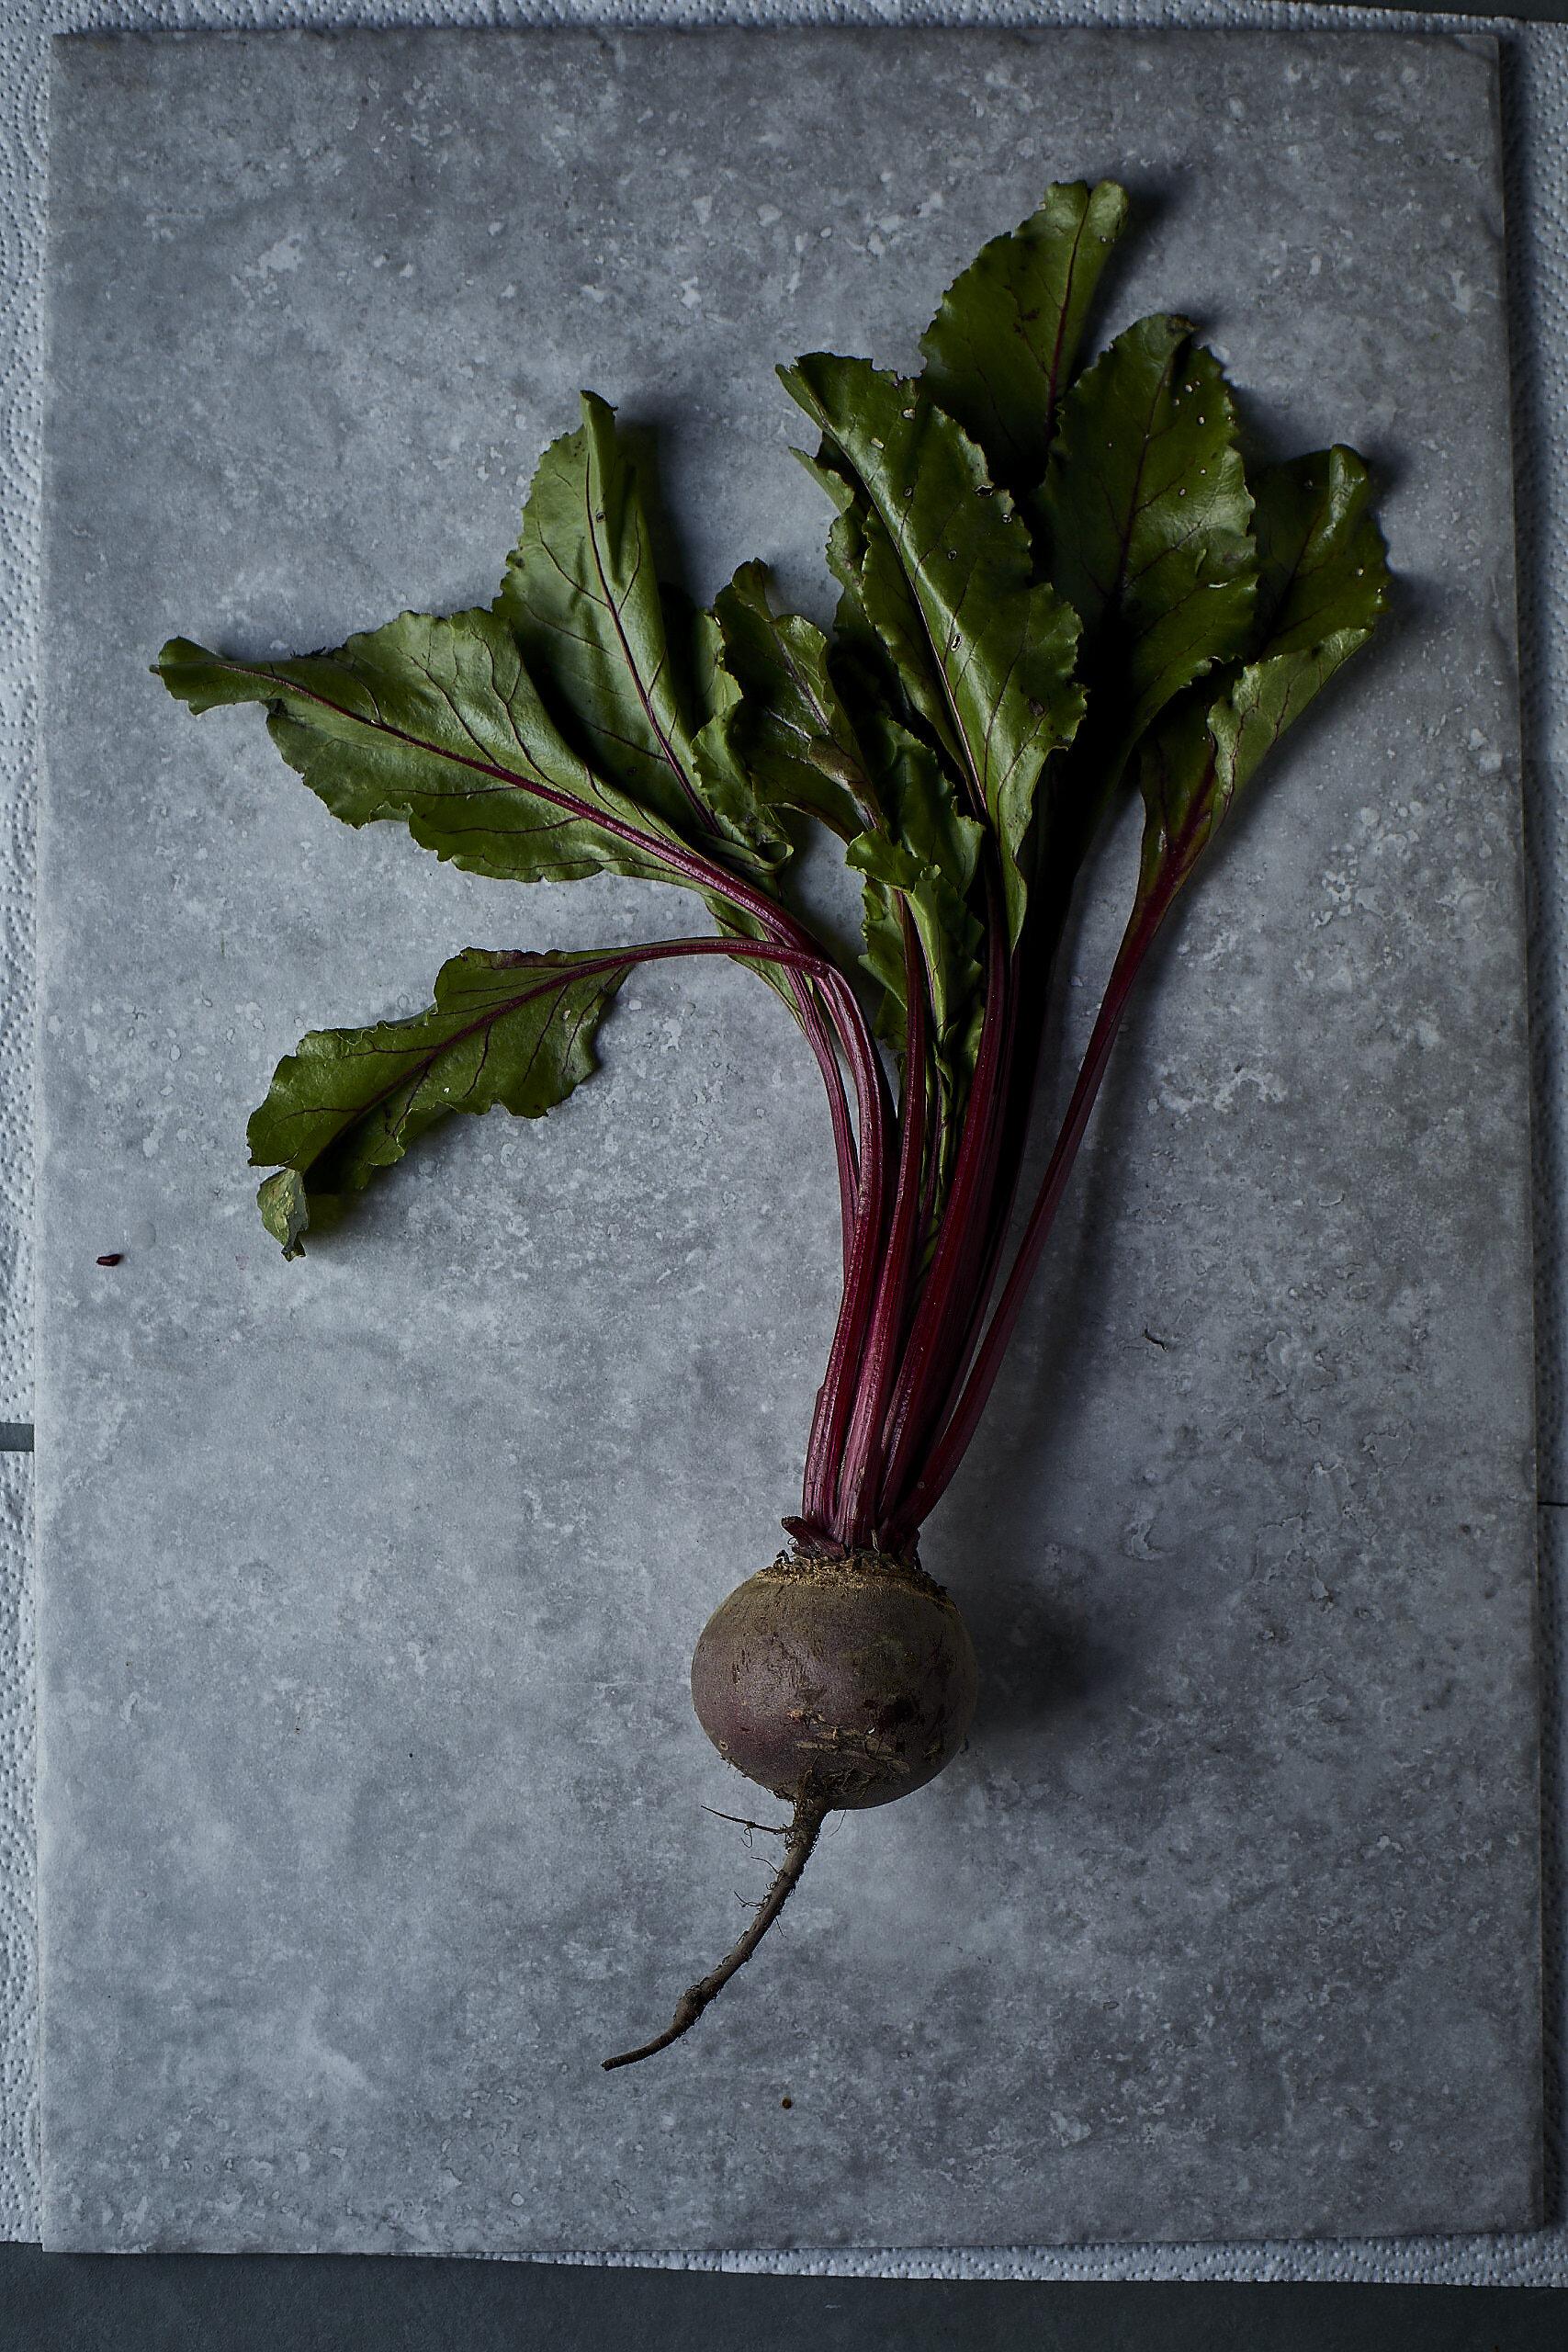 03.04.19_More_Plants119_Beetroot.jpg